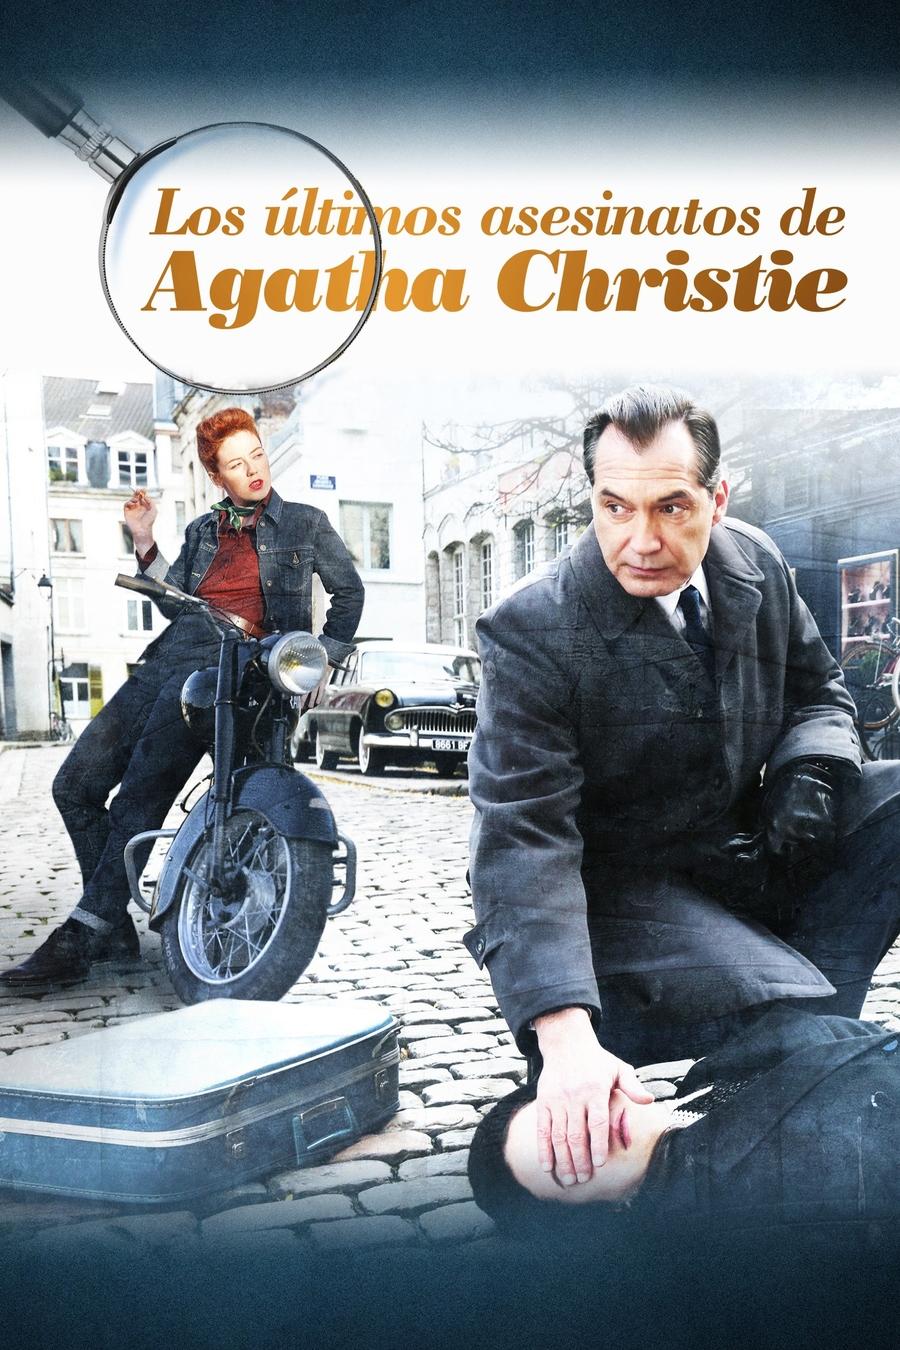 Los últimos asesinatos de Agatha Christie